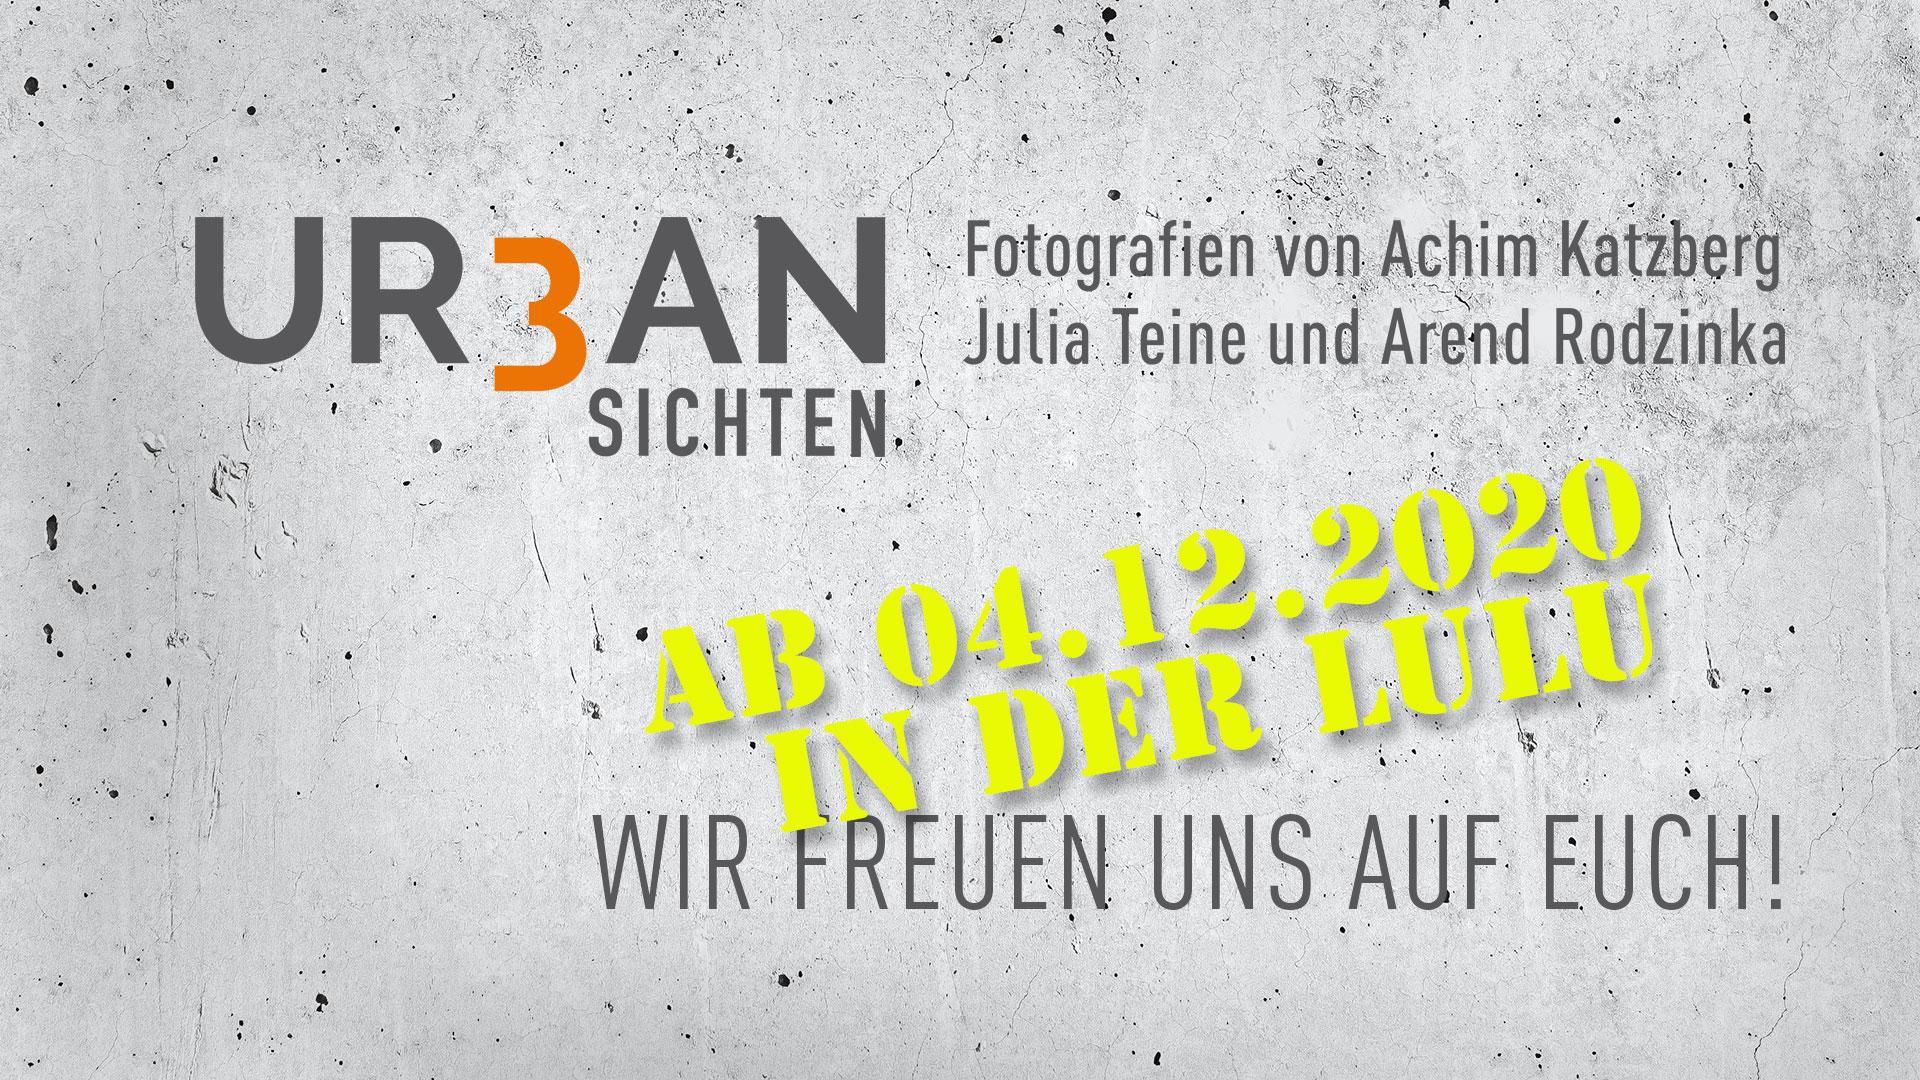 querformat-fotografie - Achim Katzberg - FB_LuLu_Ur3an_Quer_4_12